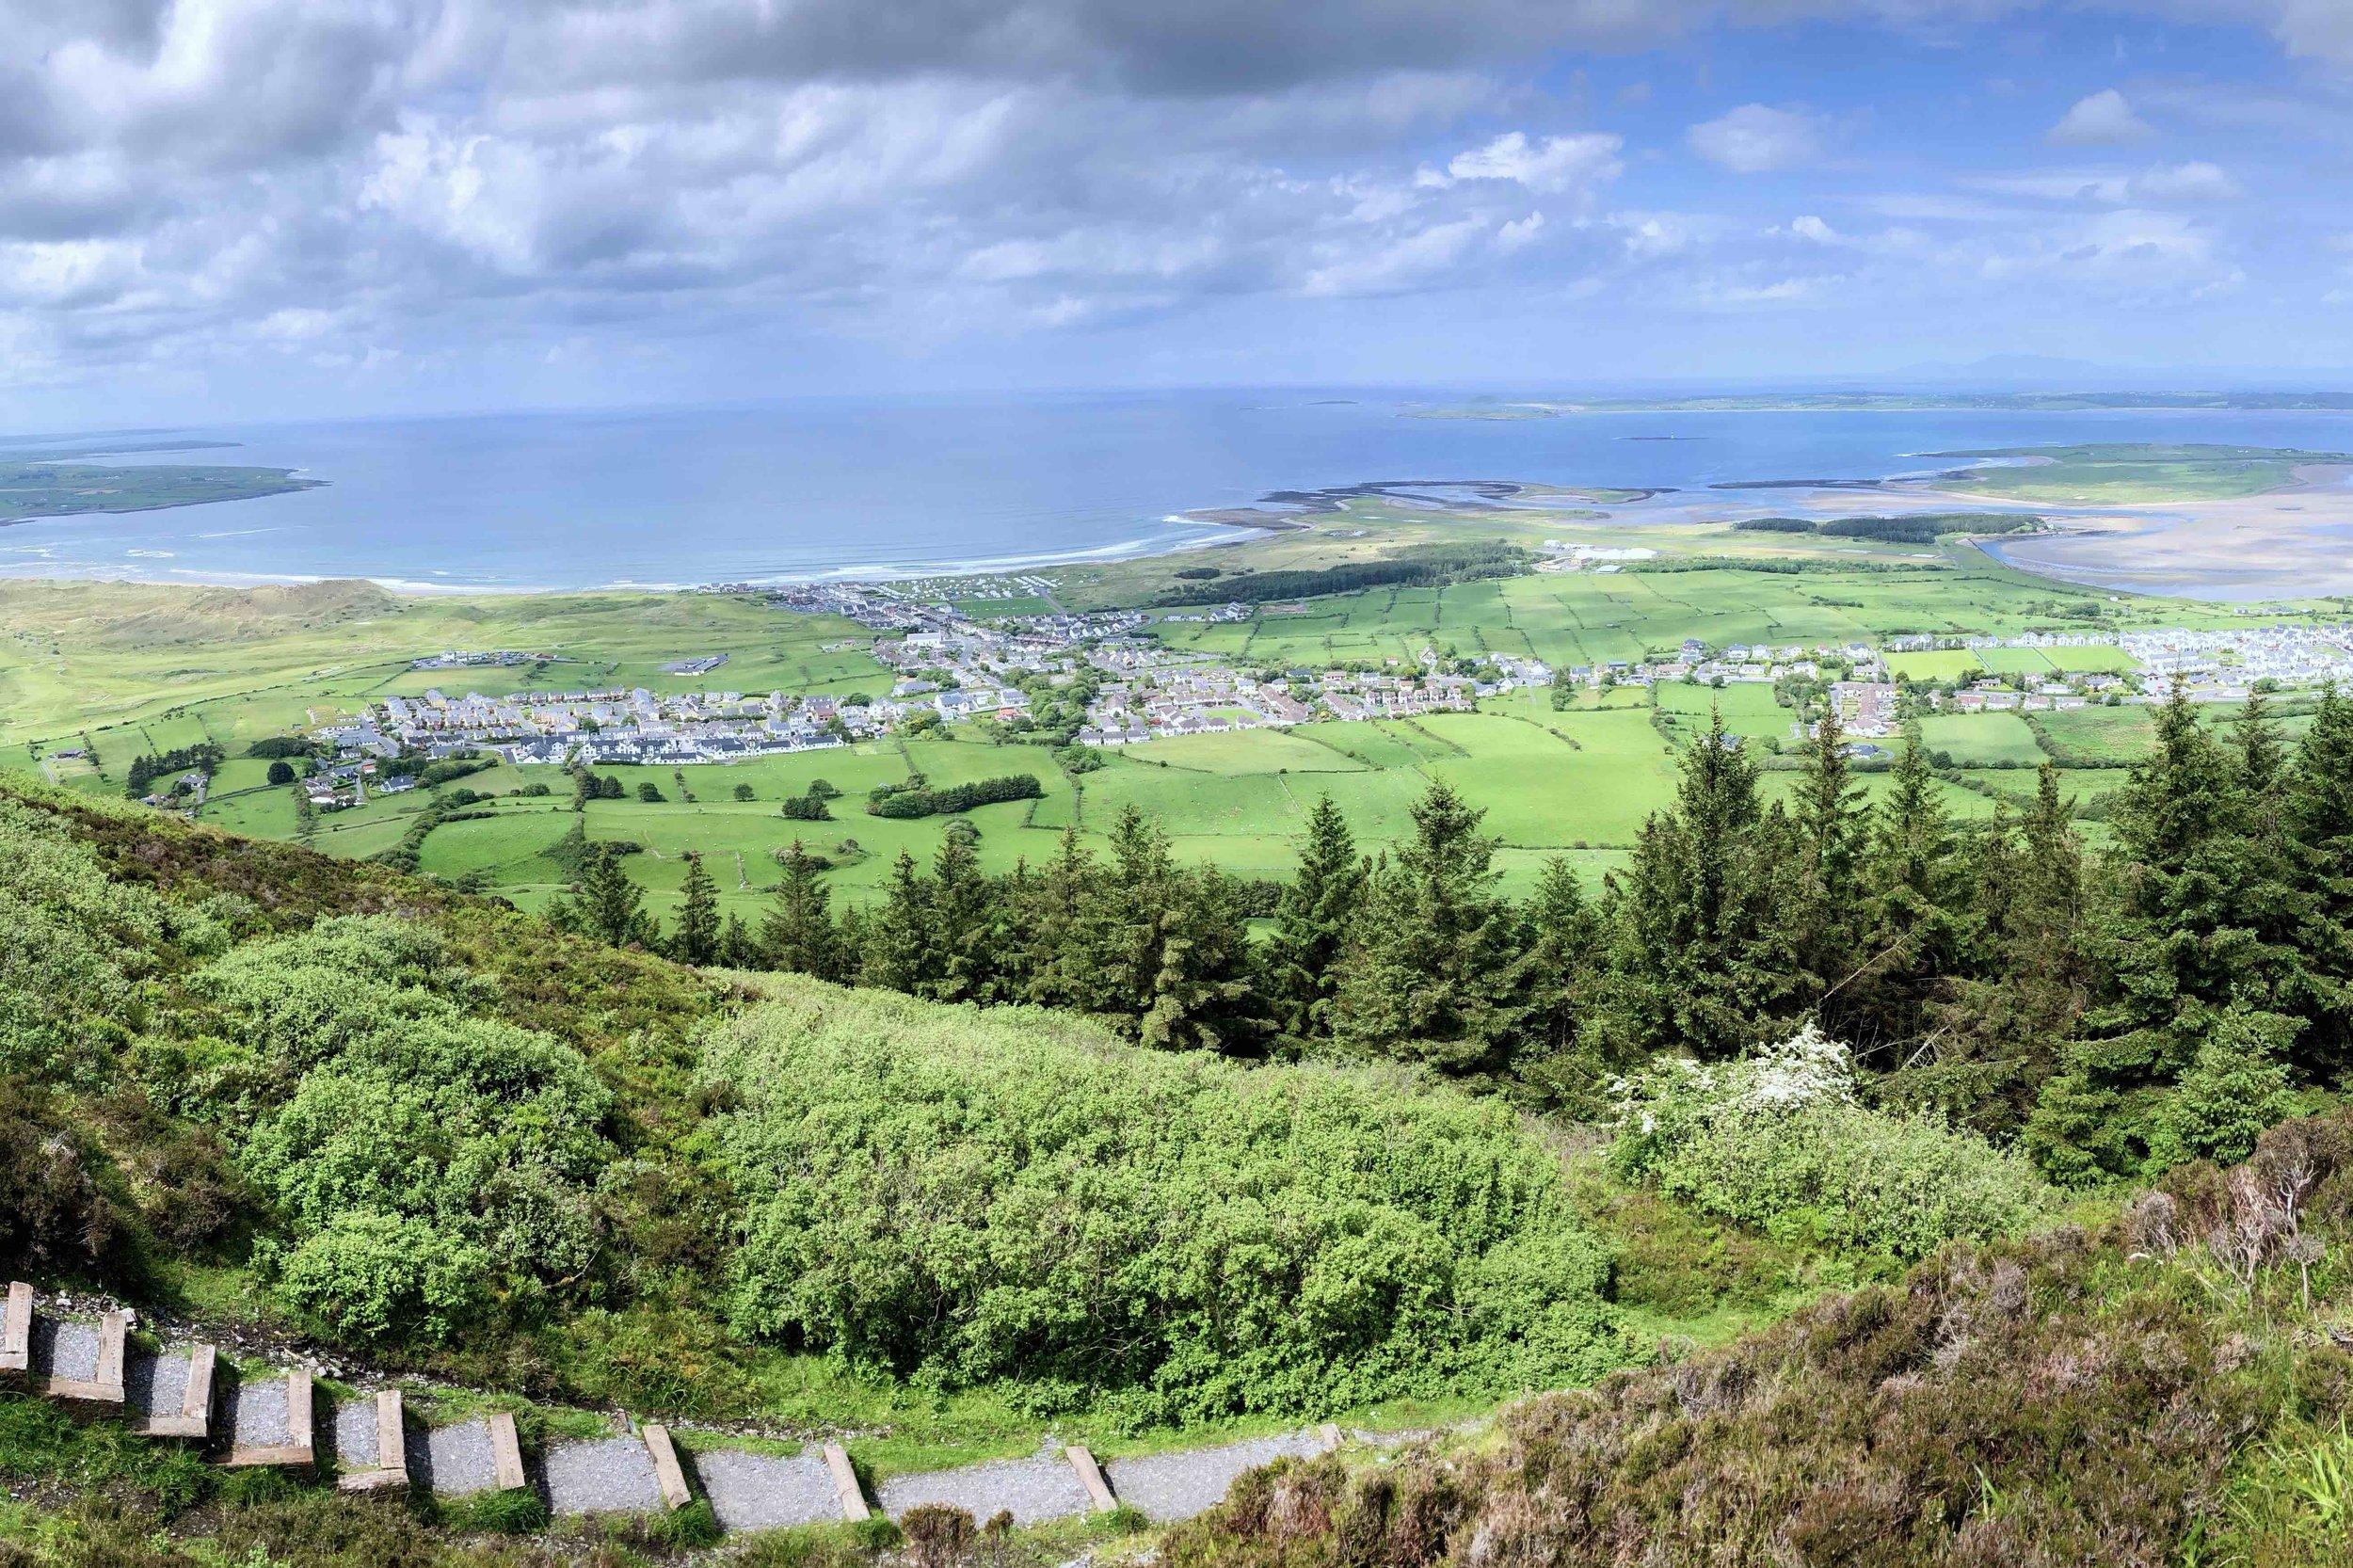 5/County Sligo Golf Club at Rosses Point